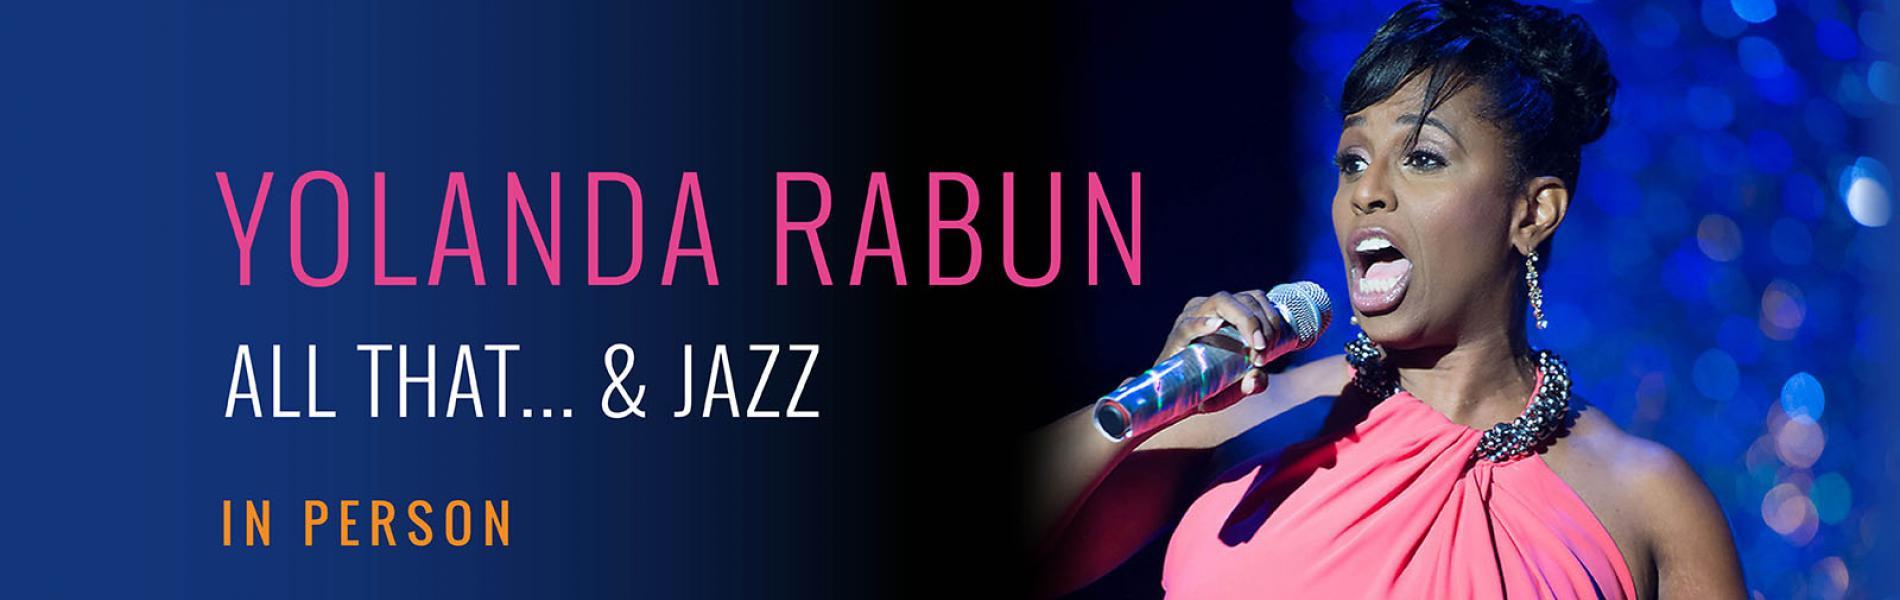 Yolanda Rabun in Concert